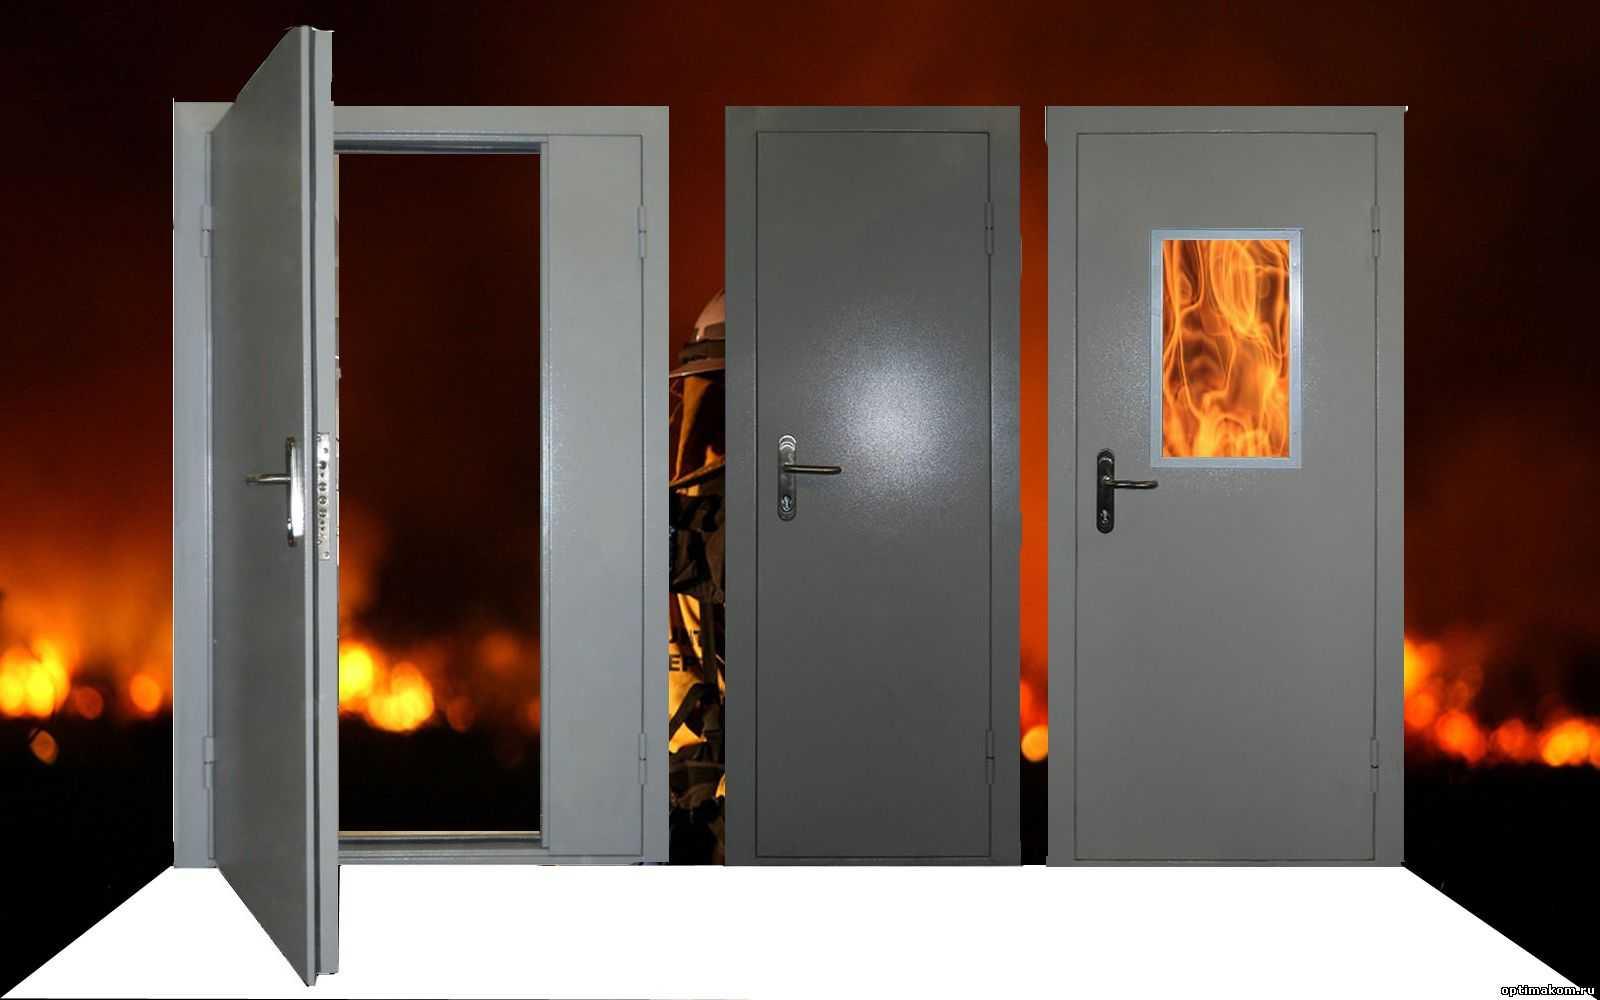 Пожарные выходы и пути эвакуации в зданиях разного назначения